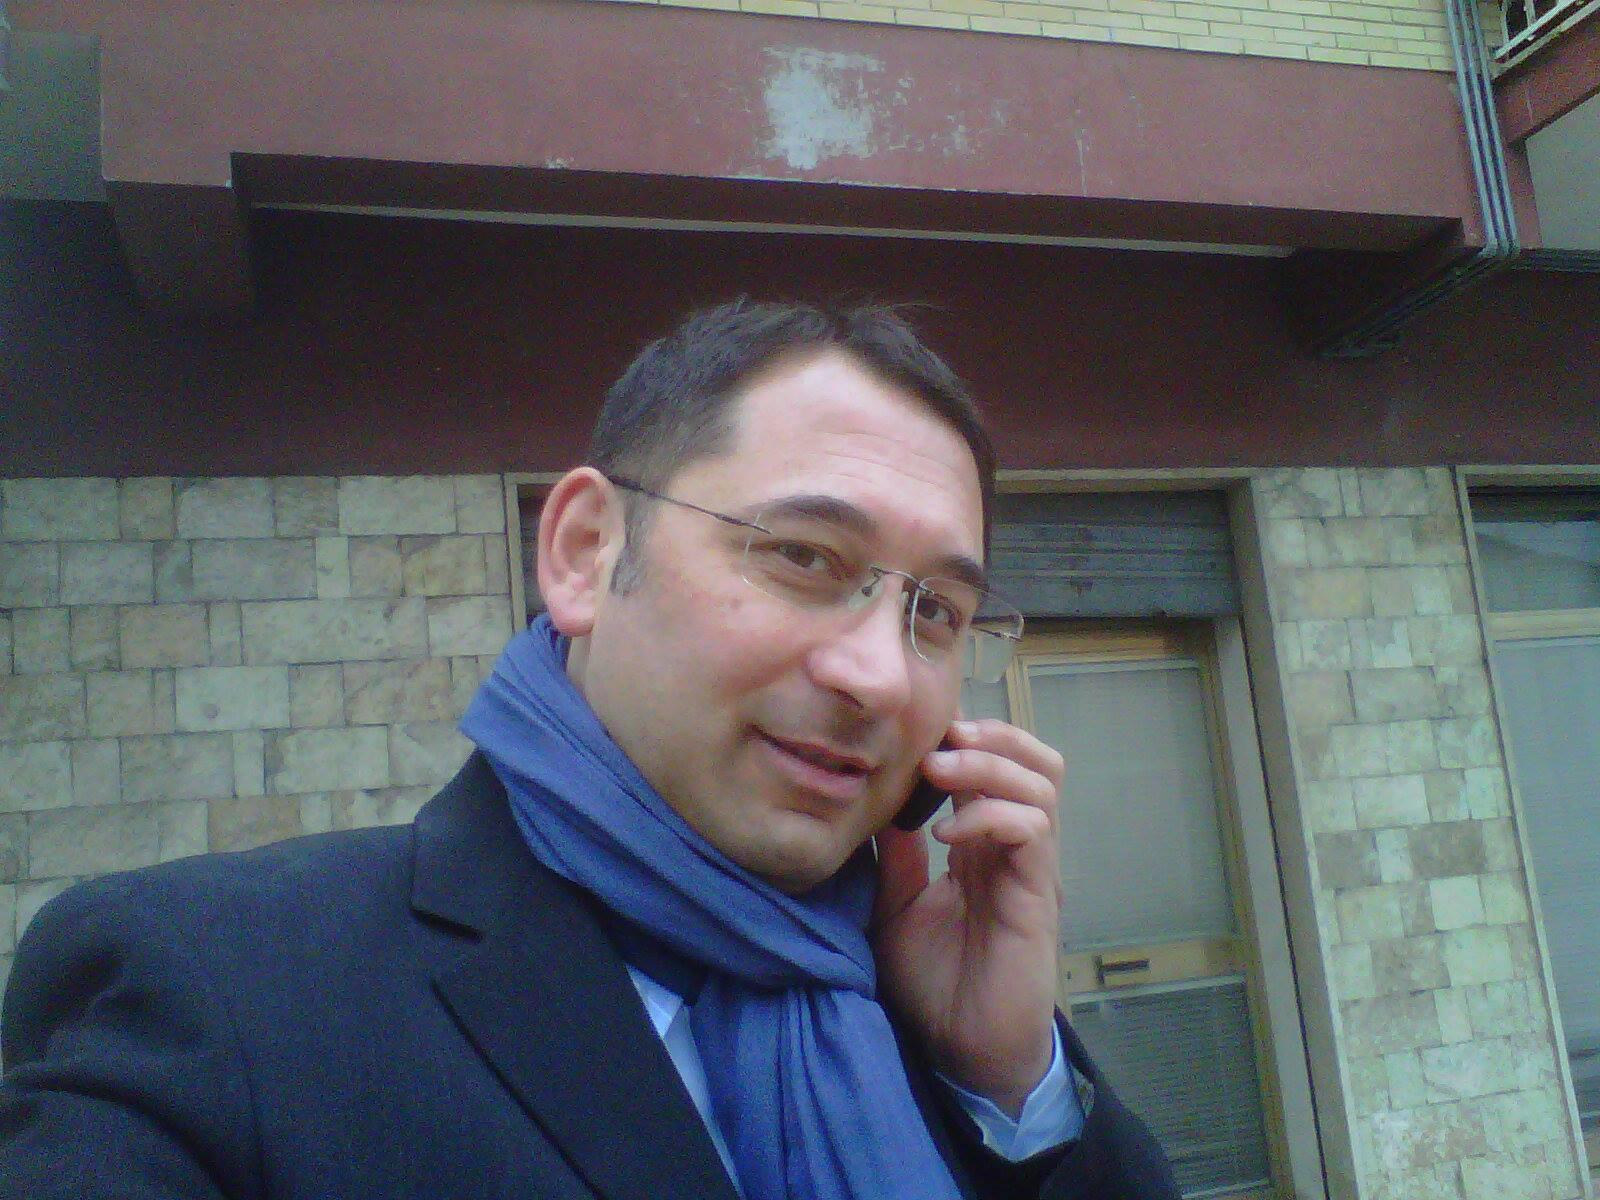 Istituto Armando Curcio, alta formazione e ricerca scientifica nel campo delle scienze dell'editoria e della comunicazione.